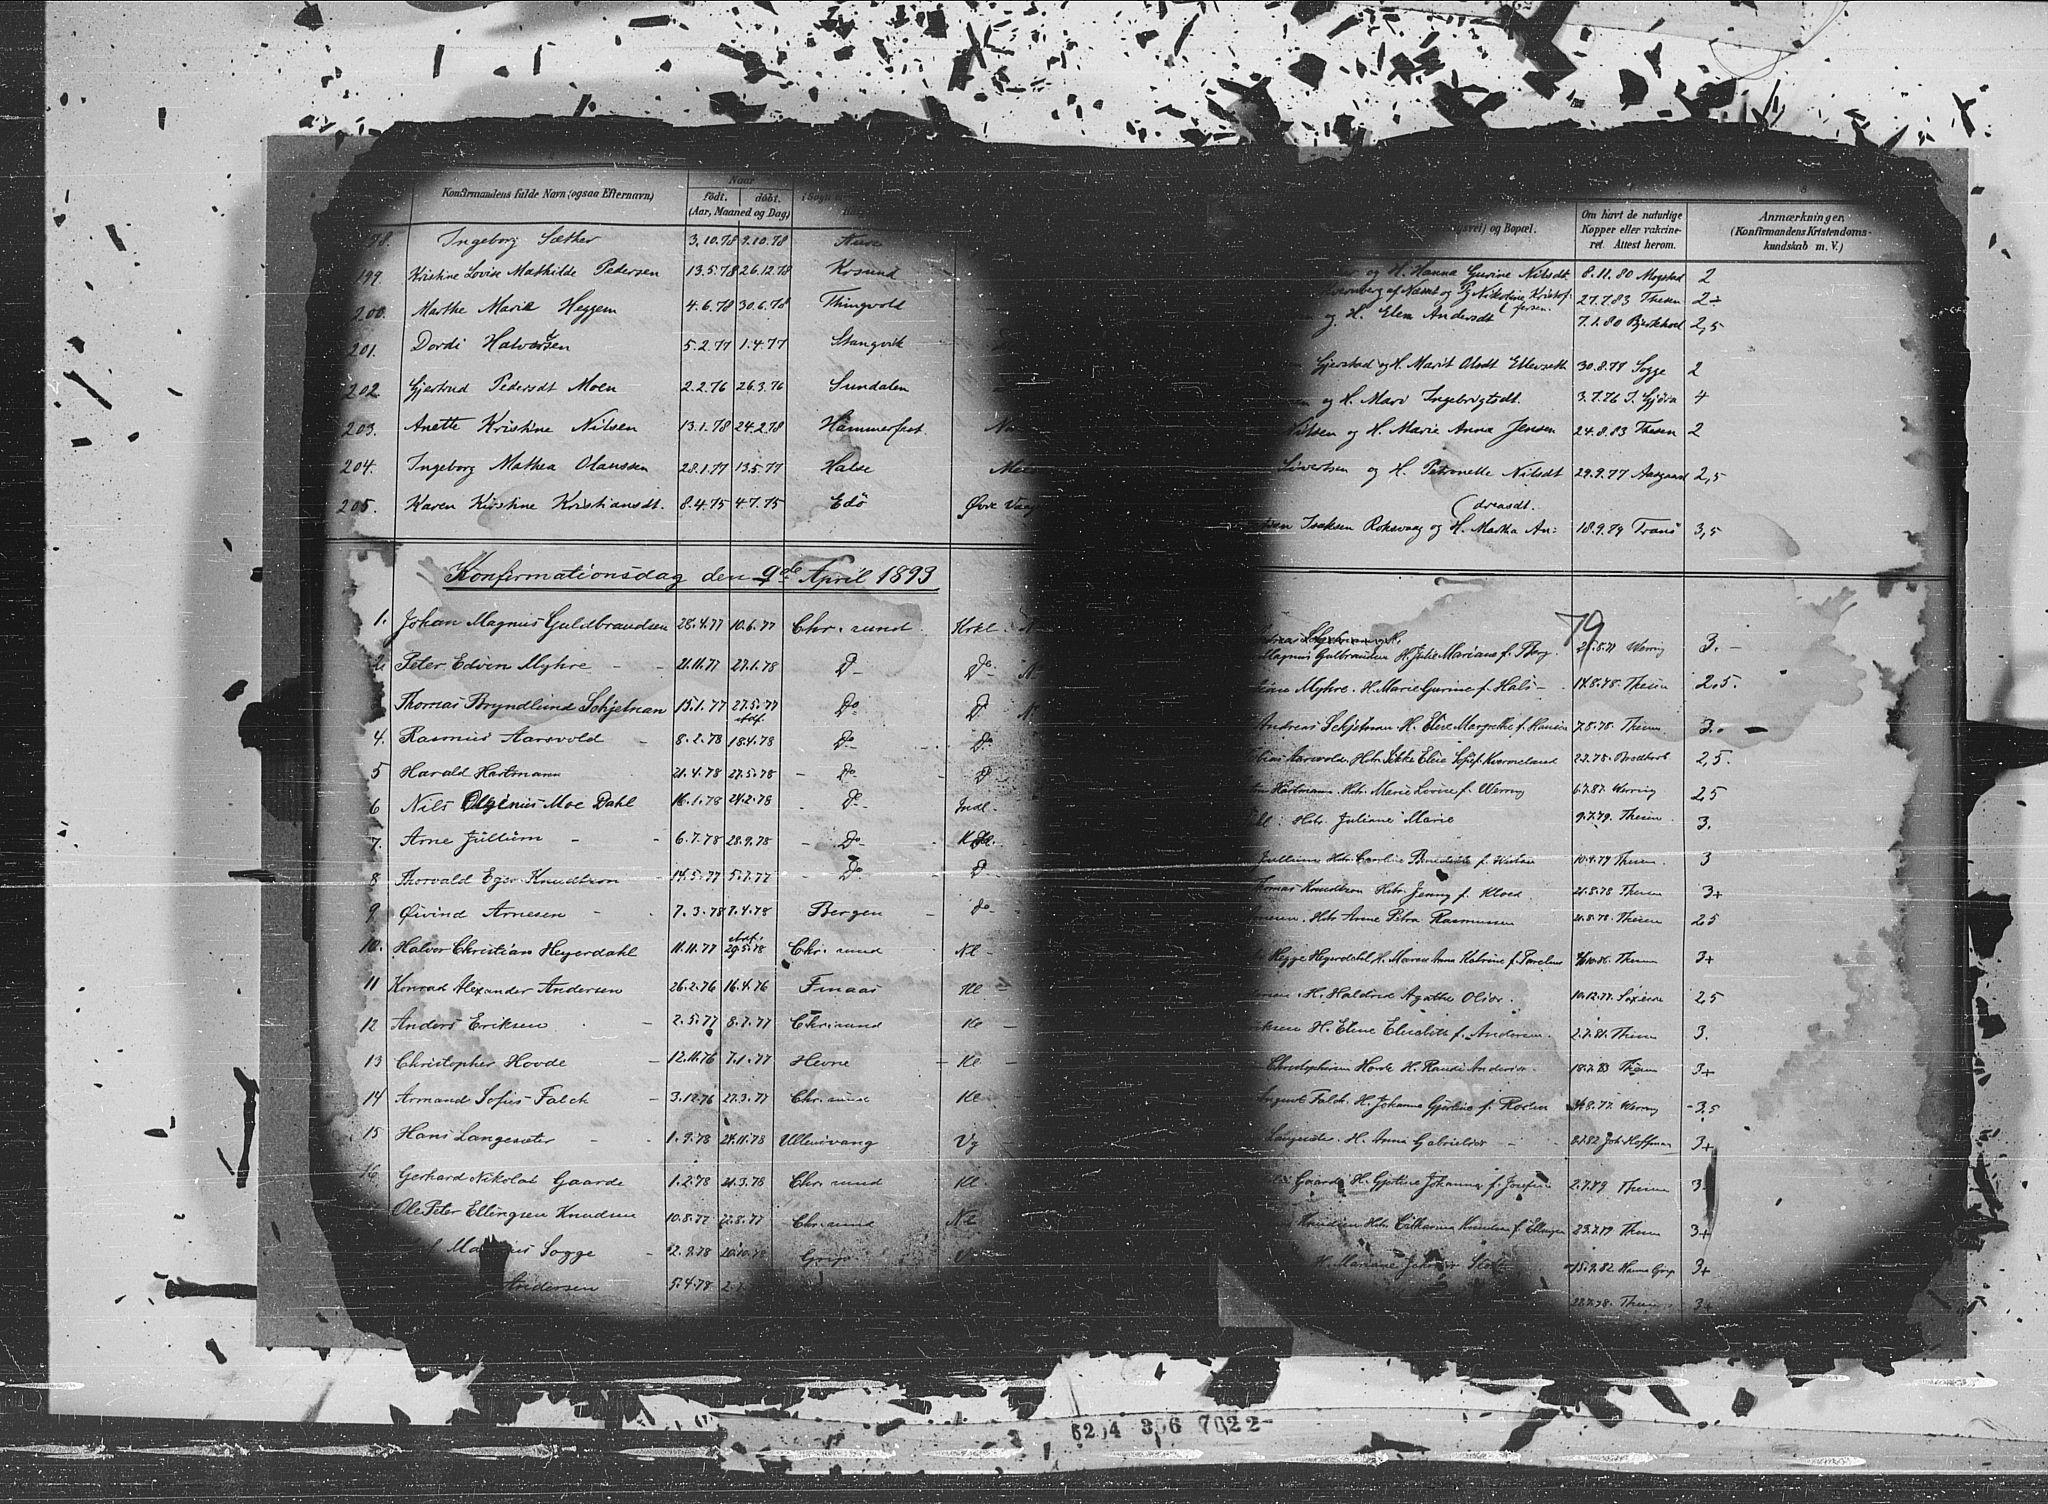 SAT, Ministerialprotokoller, klokkerbøker og fødselsregistre - Møre og Romsdal, 572/L0852: Ministerialbok nr. 572A15, 1880-1900, s. 79